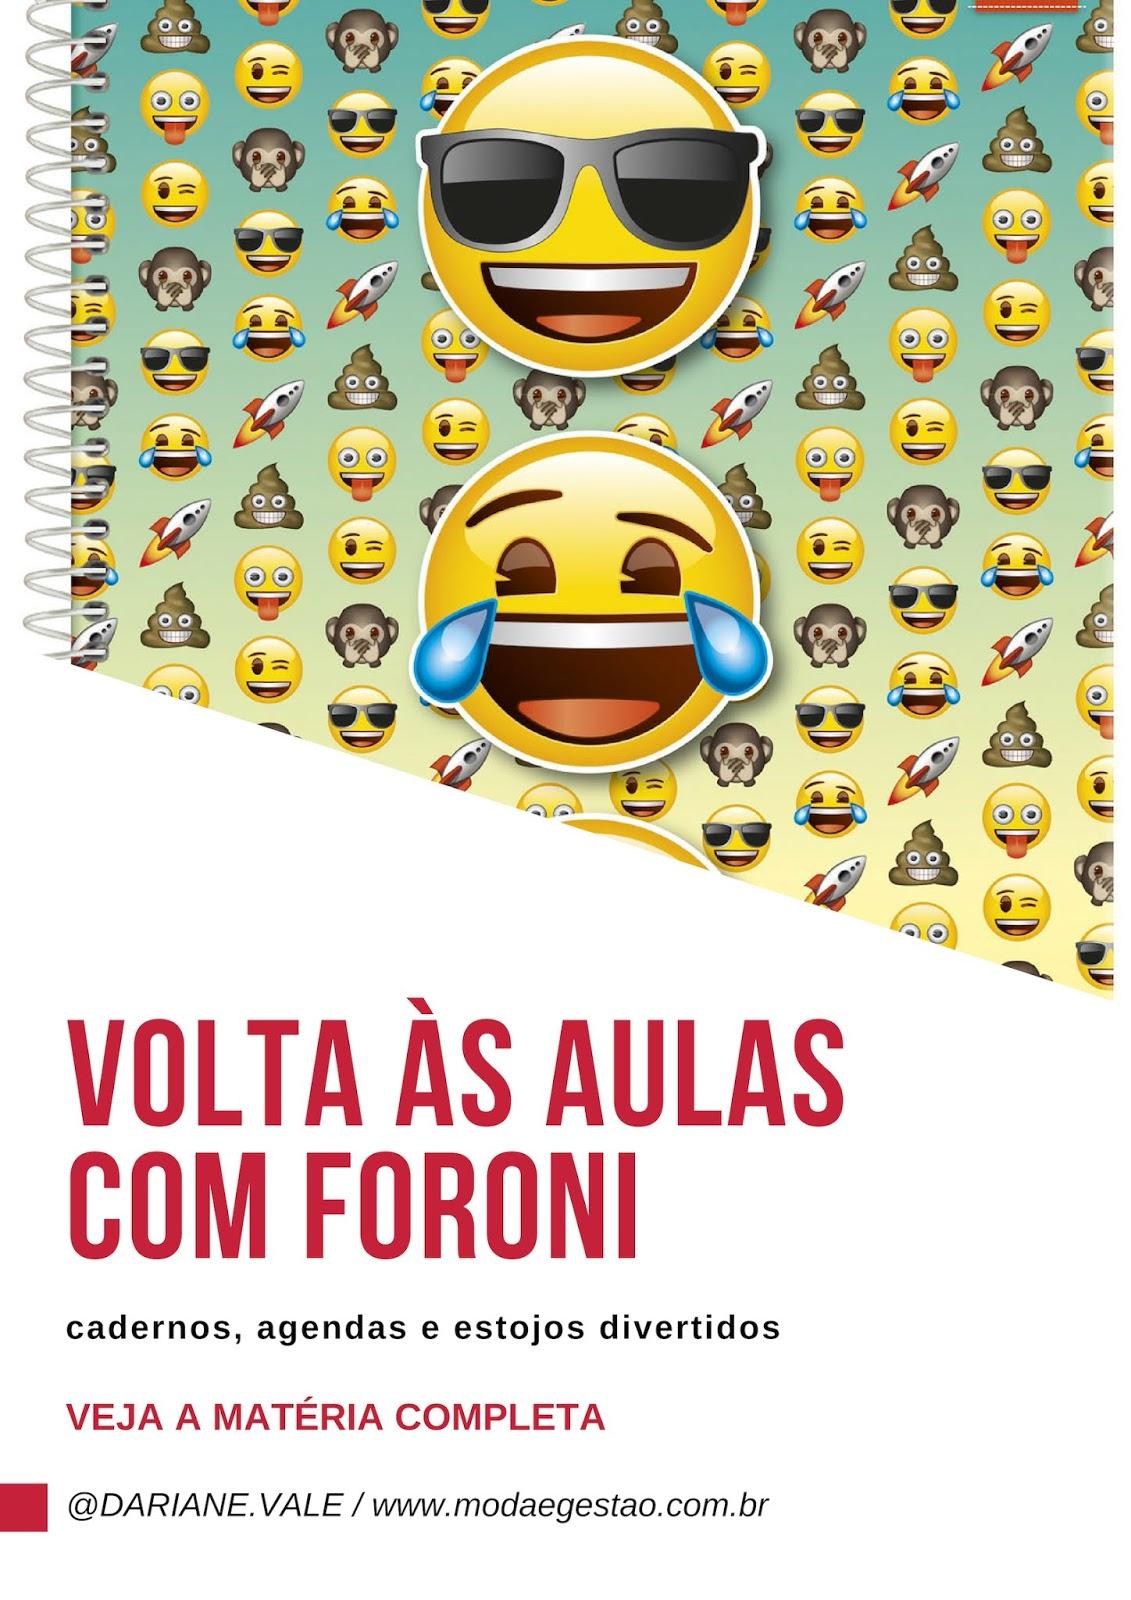 Coleção Volta às Aulas com Foroni: cadernos, agendas e estojos